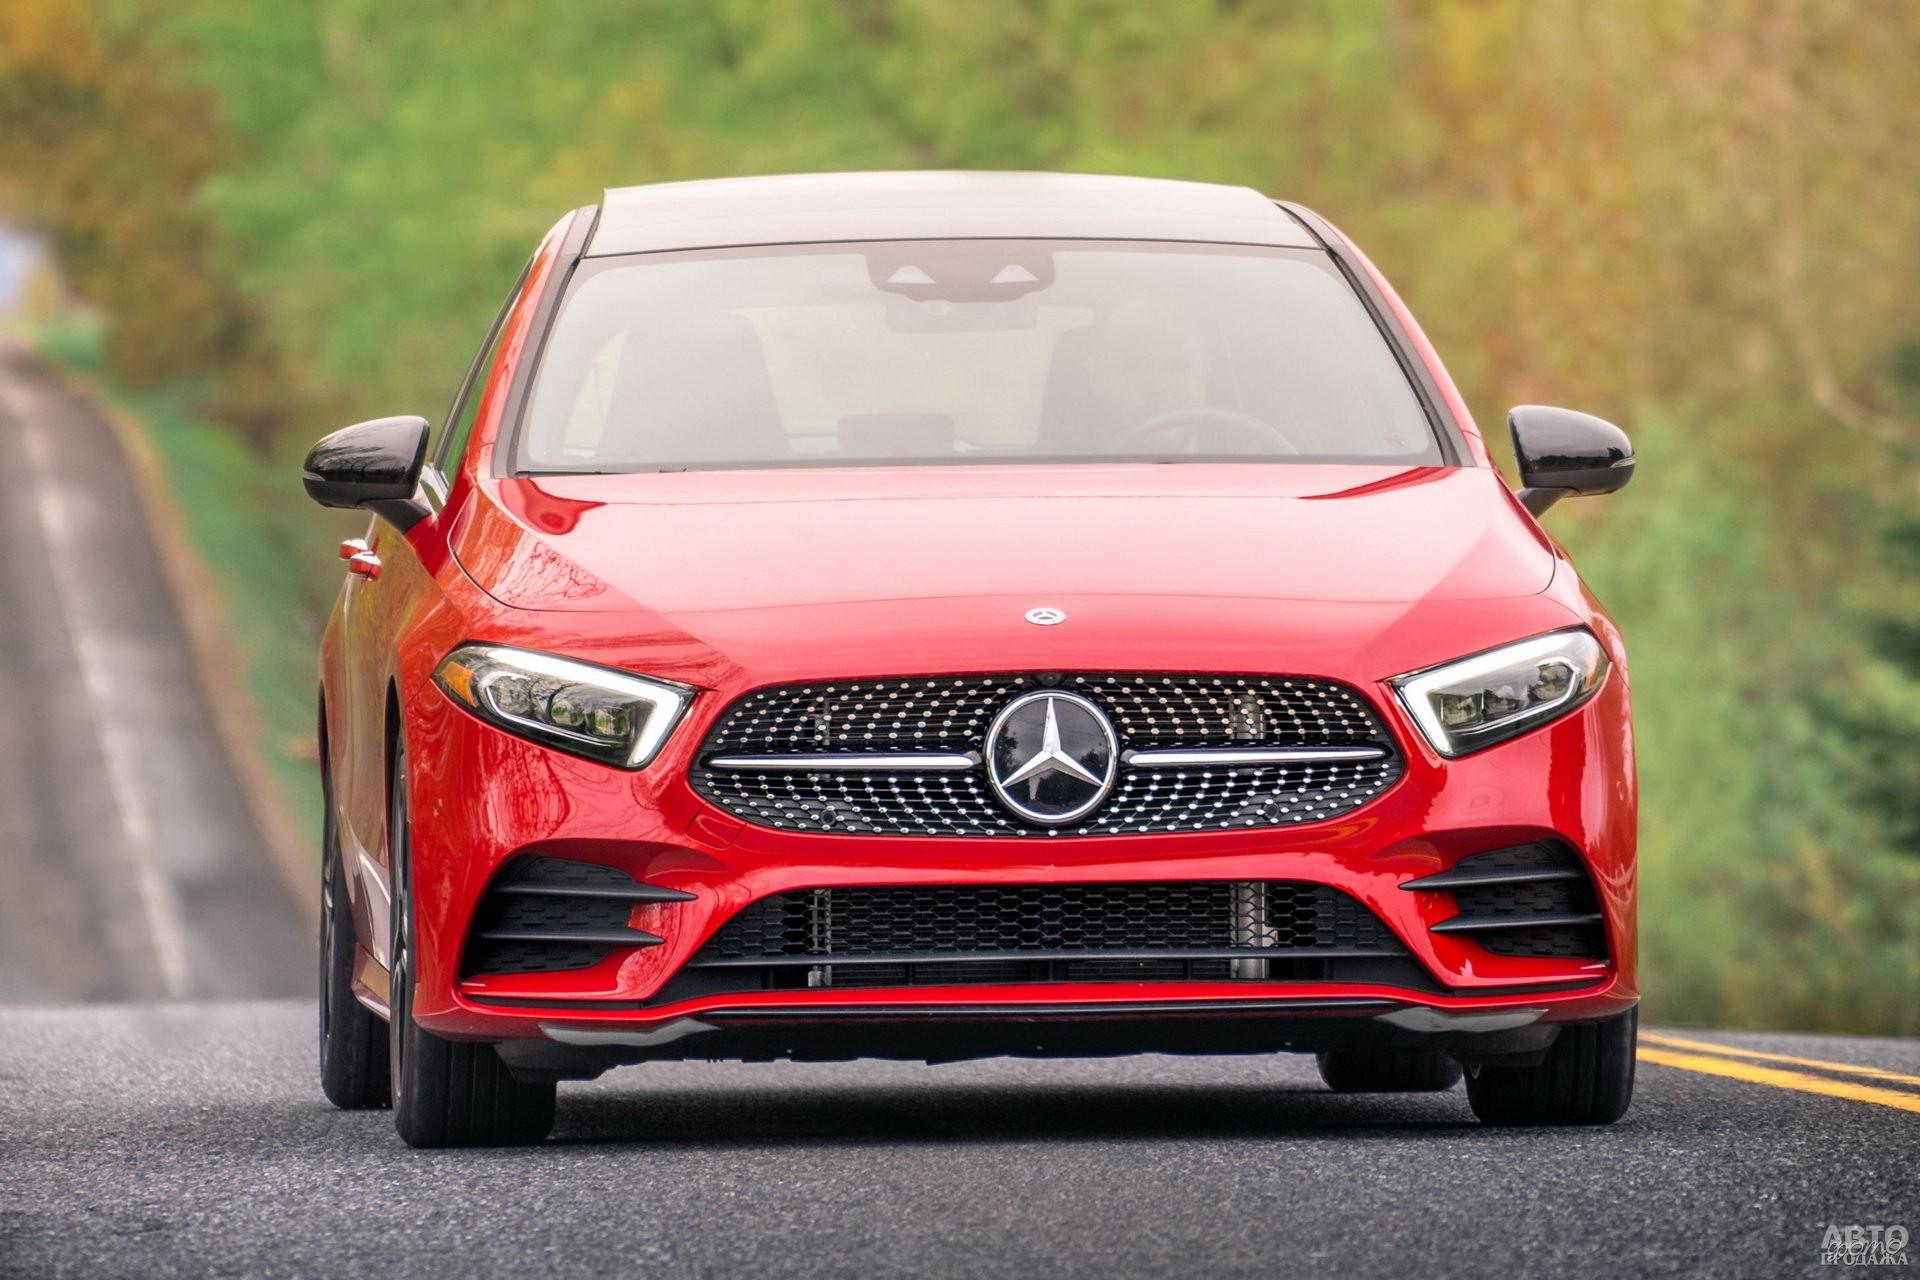 Широкая решетка радиатора и раскосые фары – черты нового стиля Mercedes-Benz